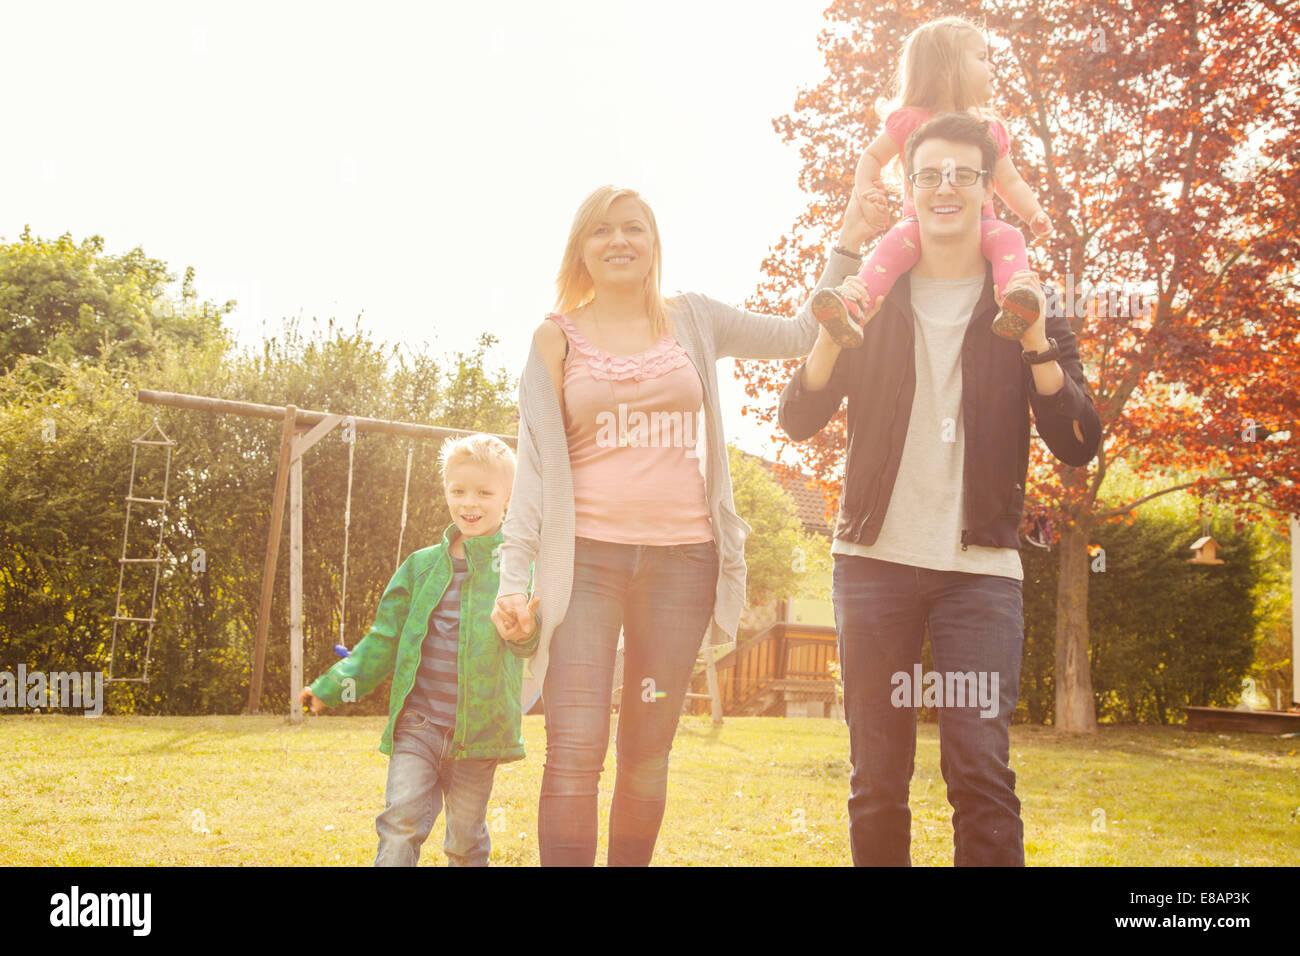 Famiglia in giardino, oscilla in background Immagini Stock